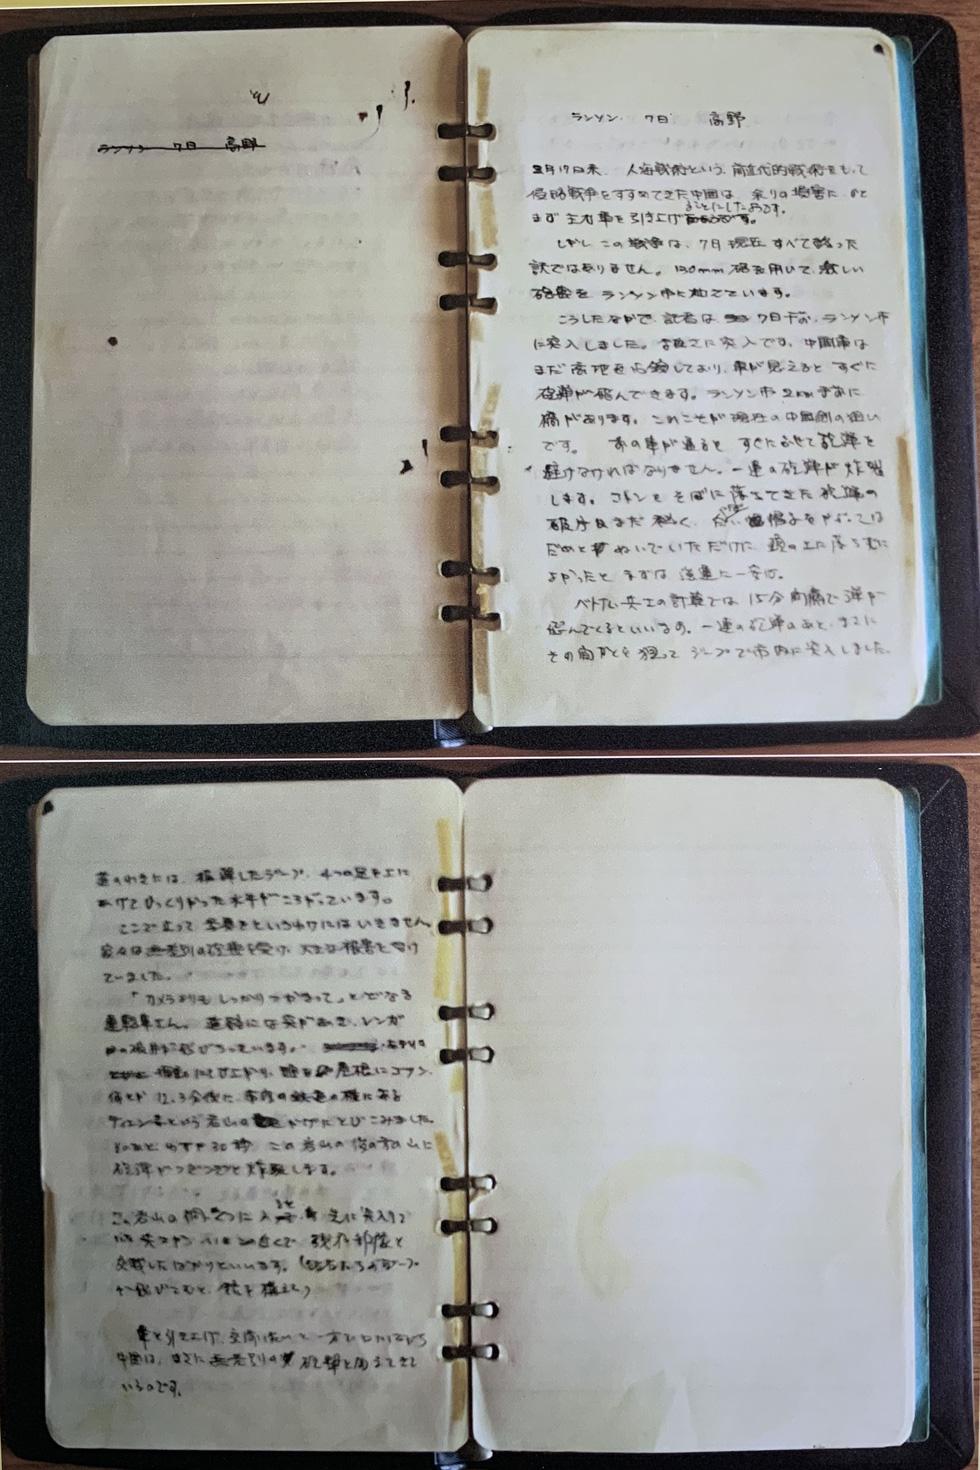 Nhà báo Nhật Bản Takano Isao - Nhân chứng quả cảm - Ảnh 9.